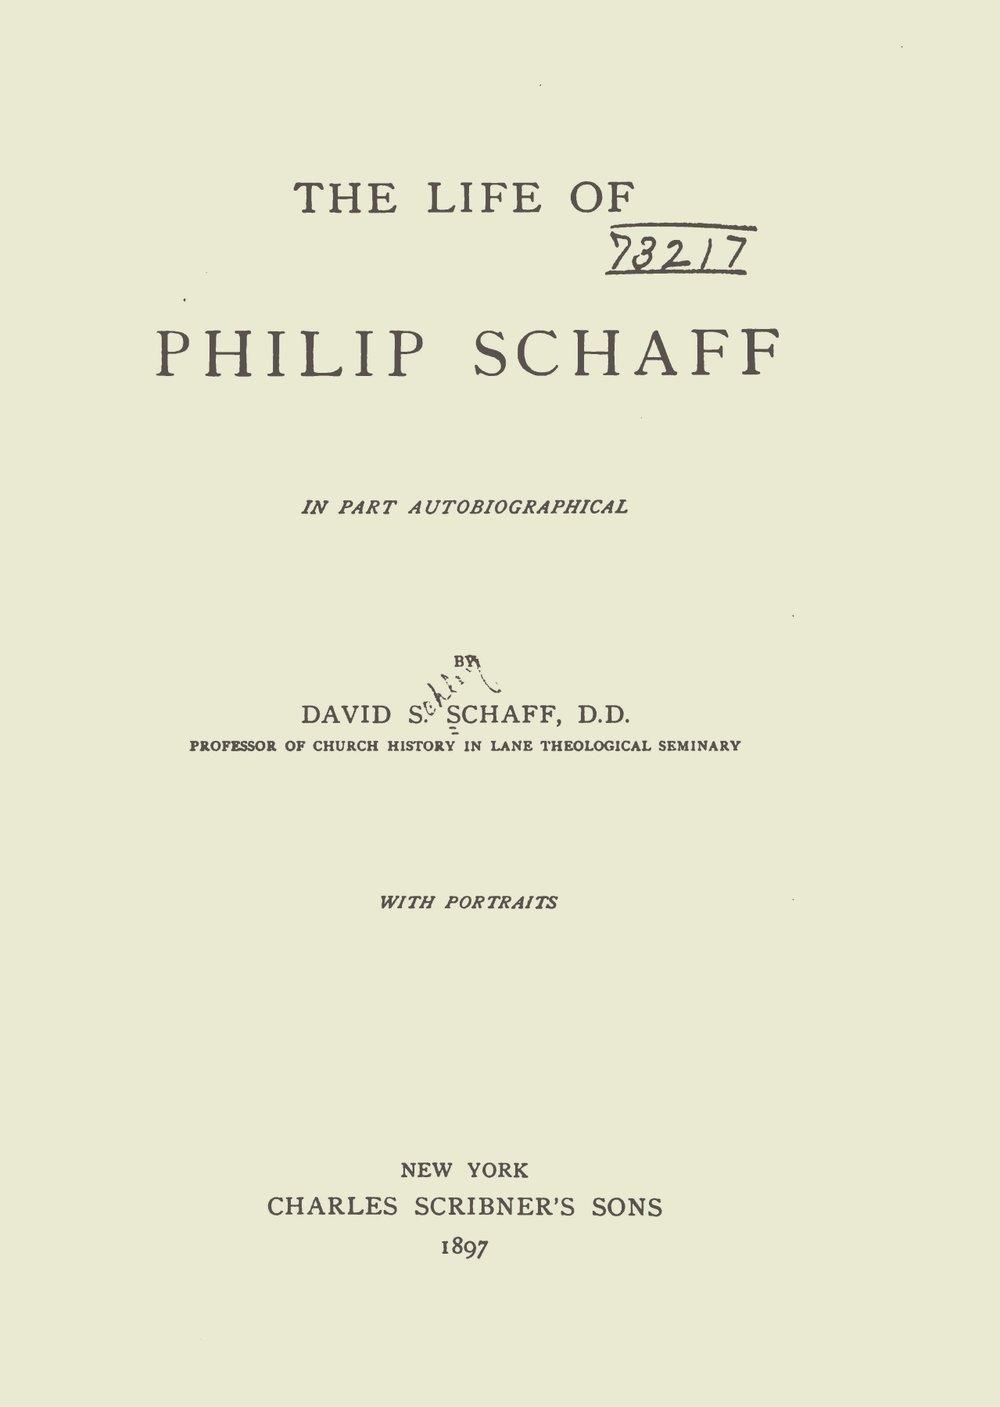 Schaff%2C+David+Schley%2C+The+Life+of+Philip+Schaff+Title+Page+2.jpg